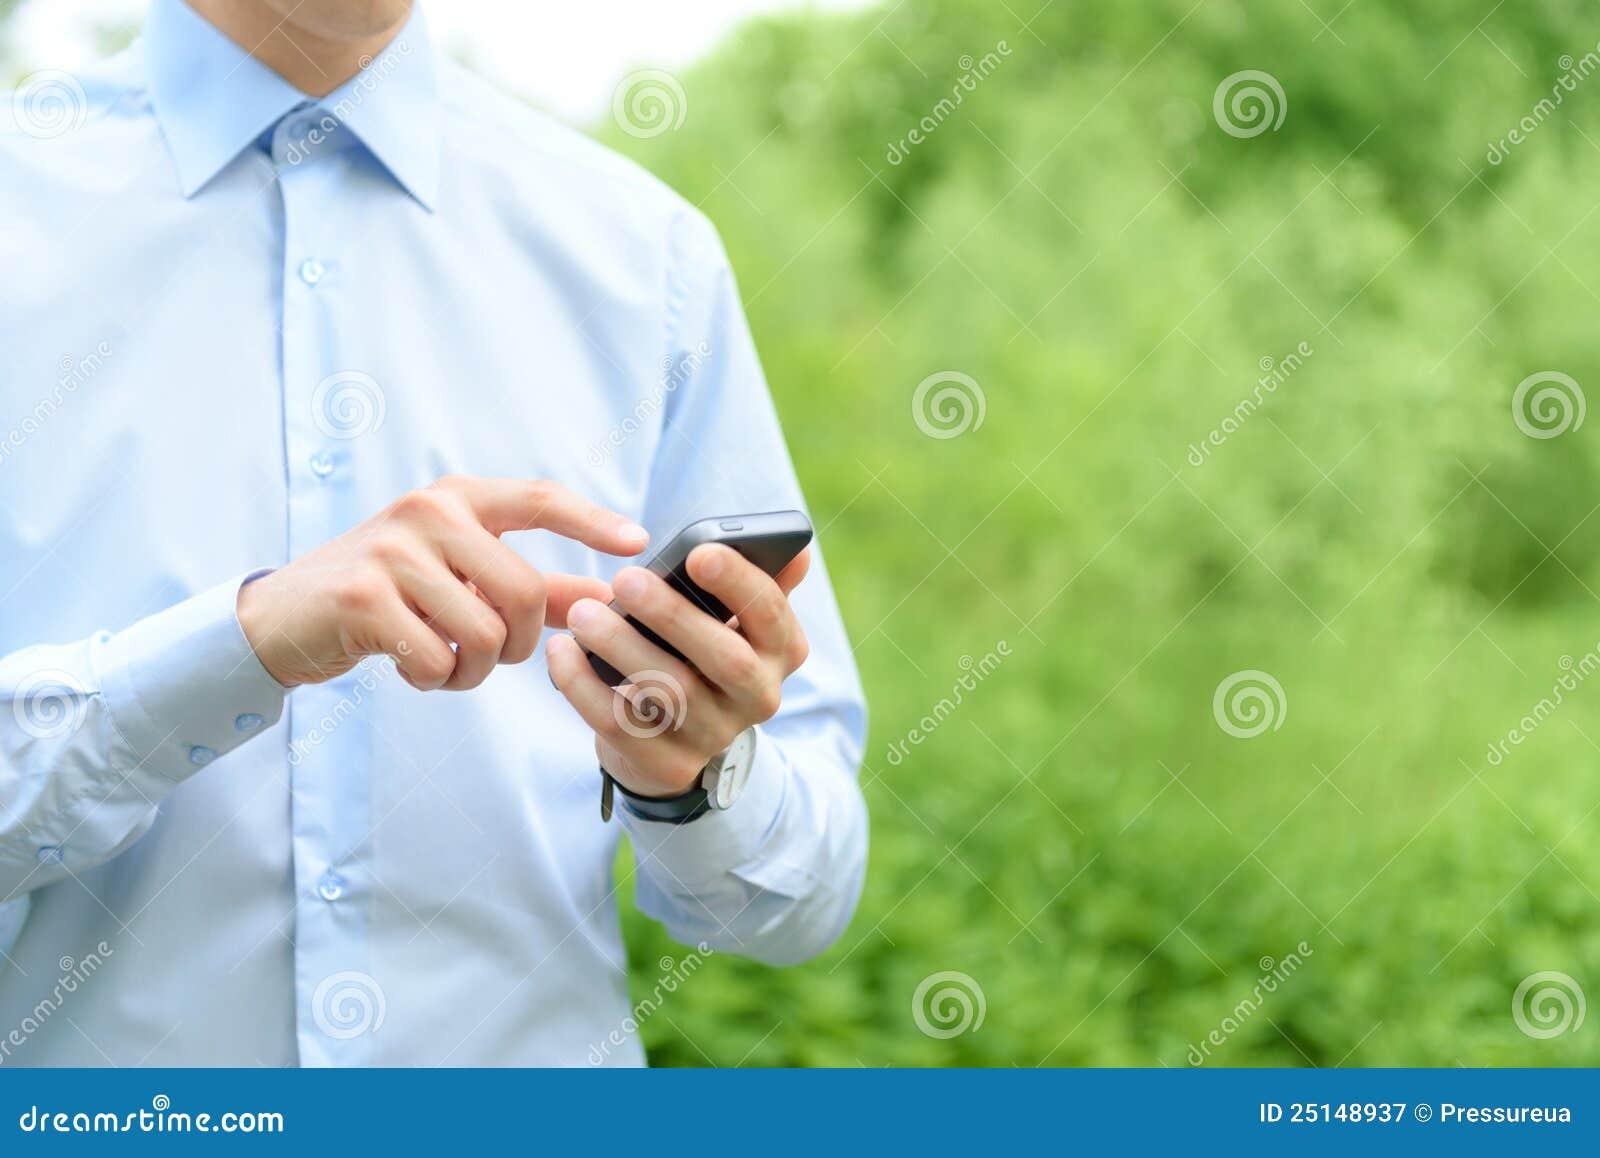 Mobiele telefoon ter beschikking